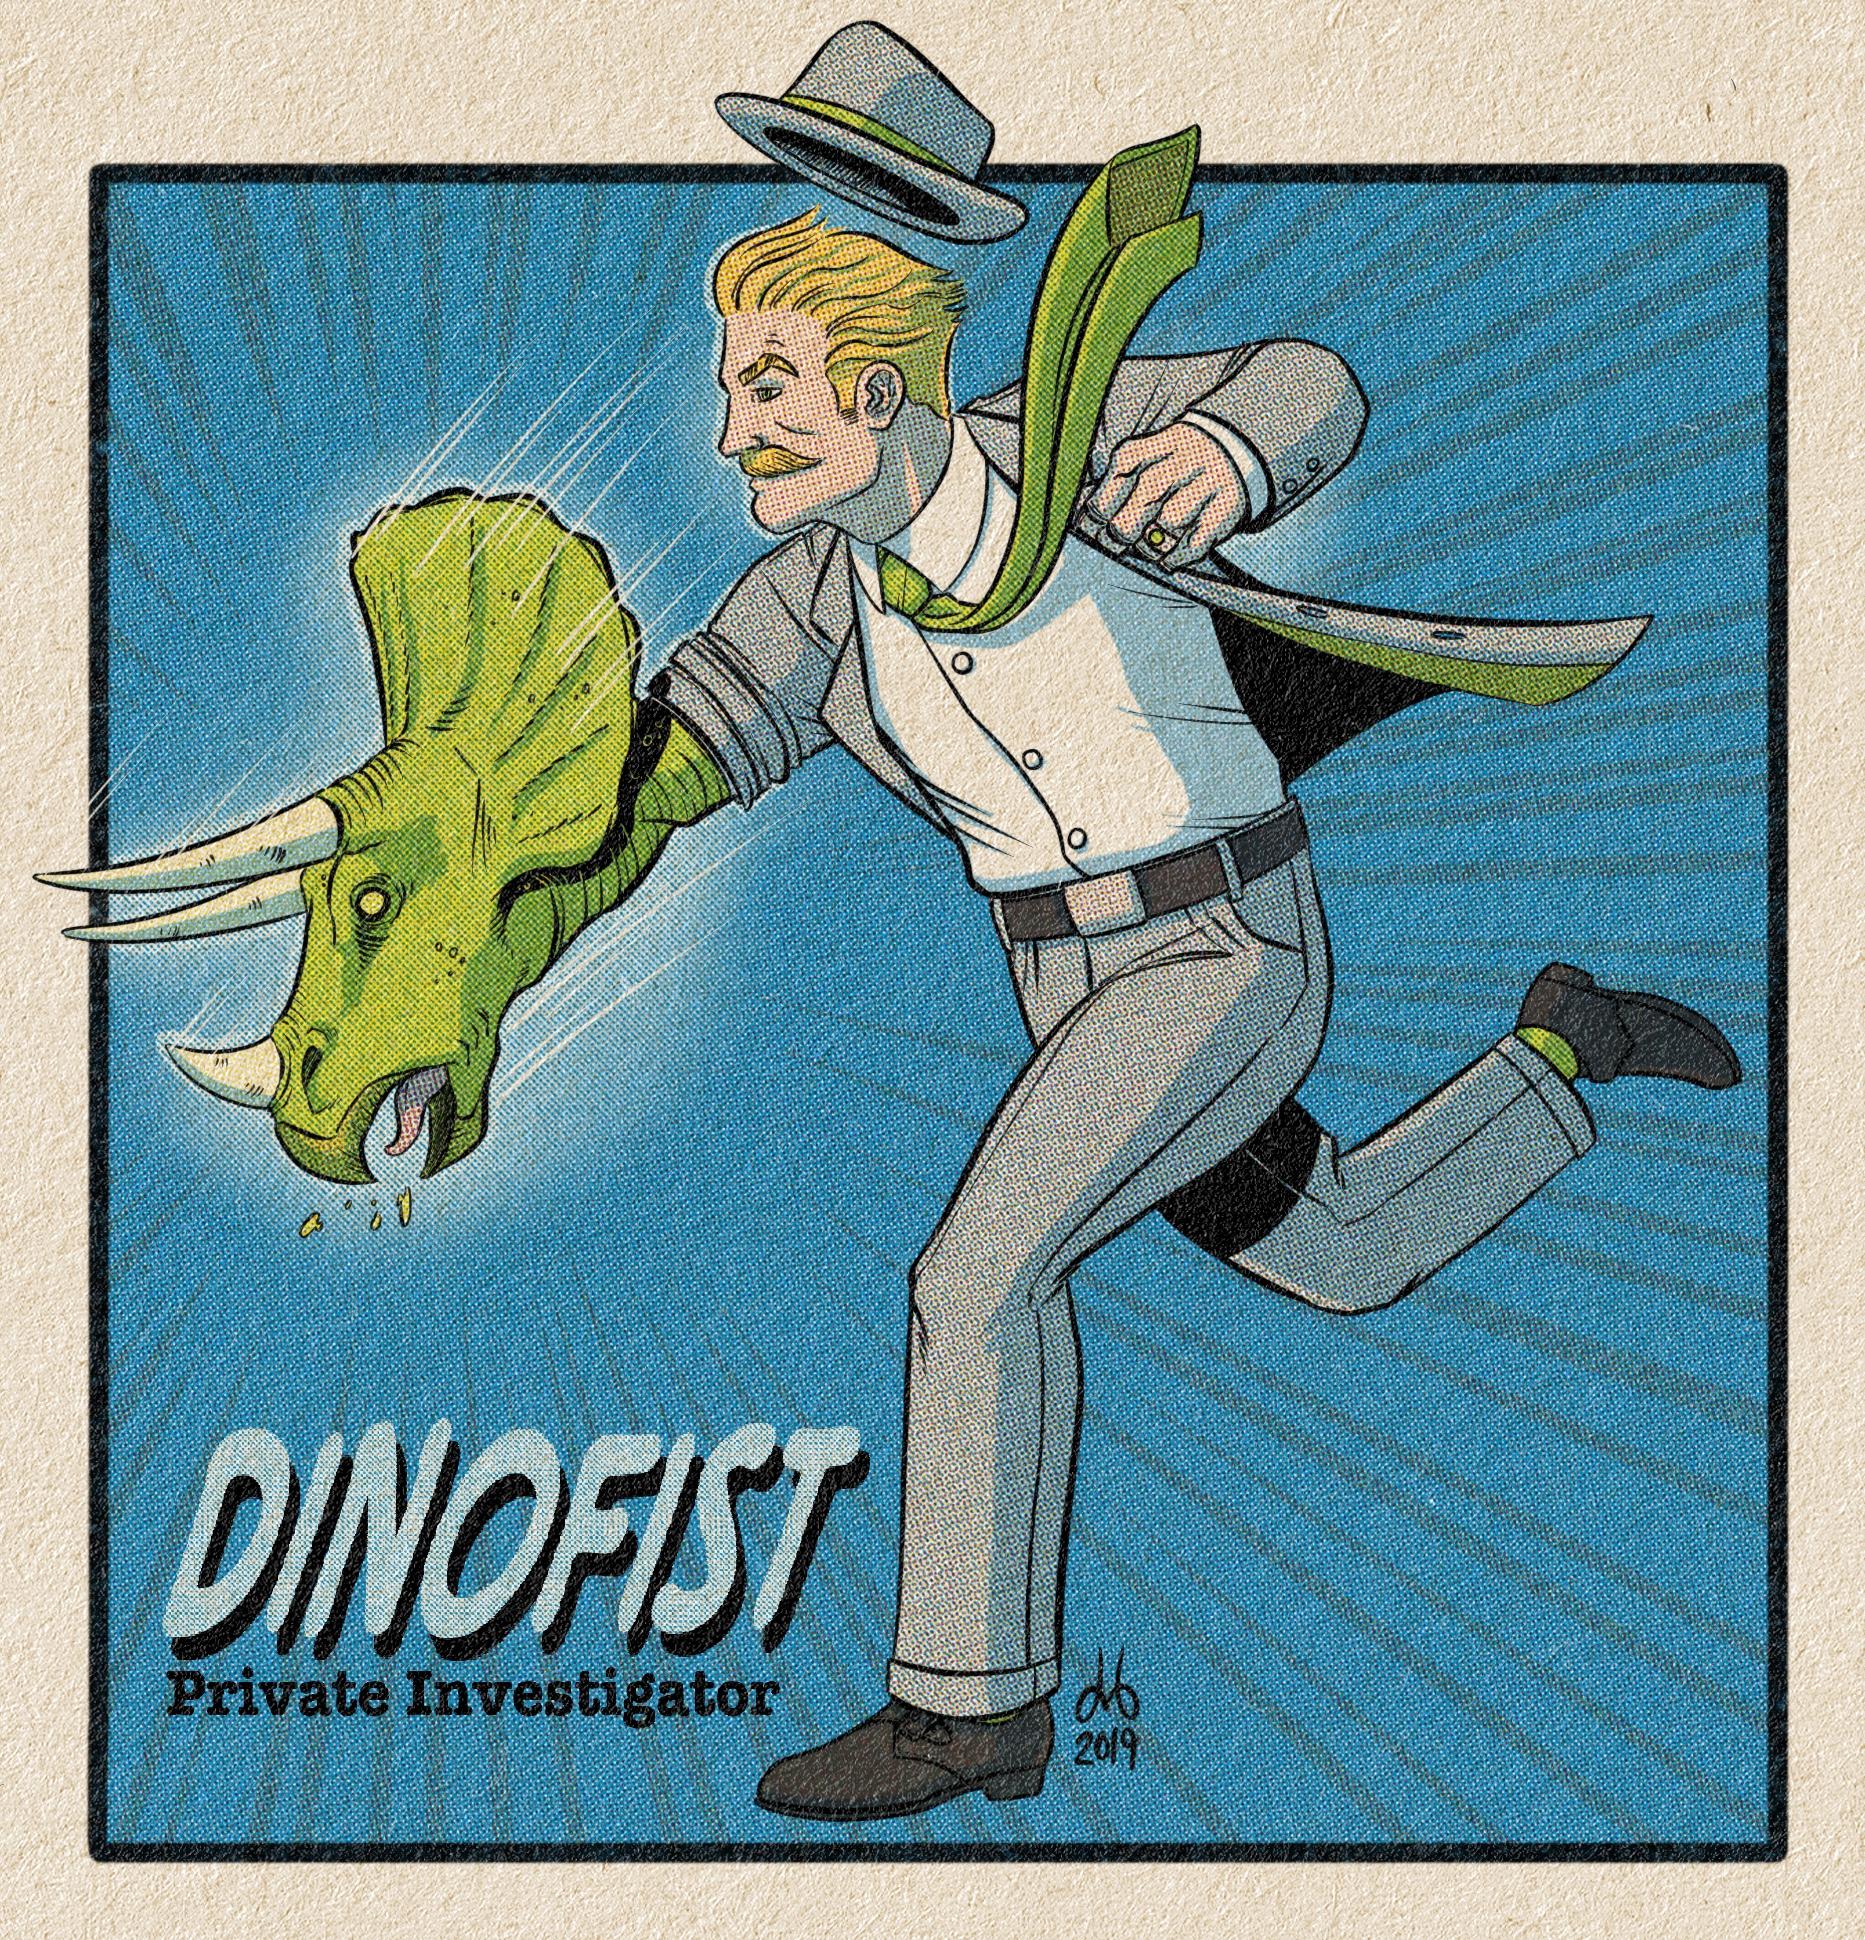 Dinofist, P.I.